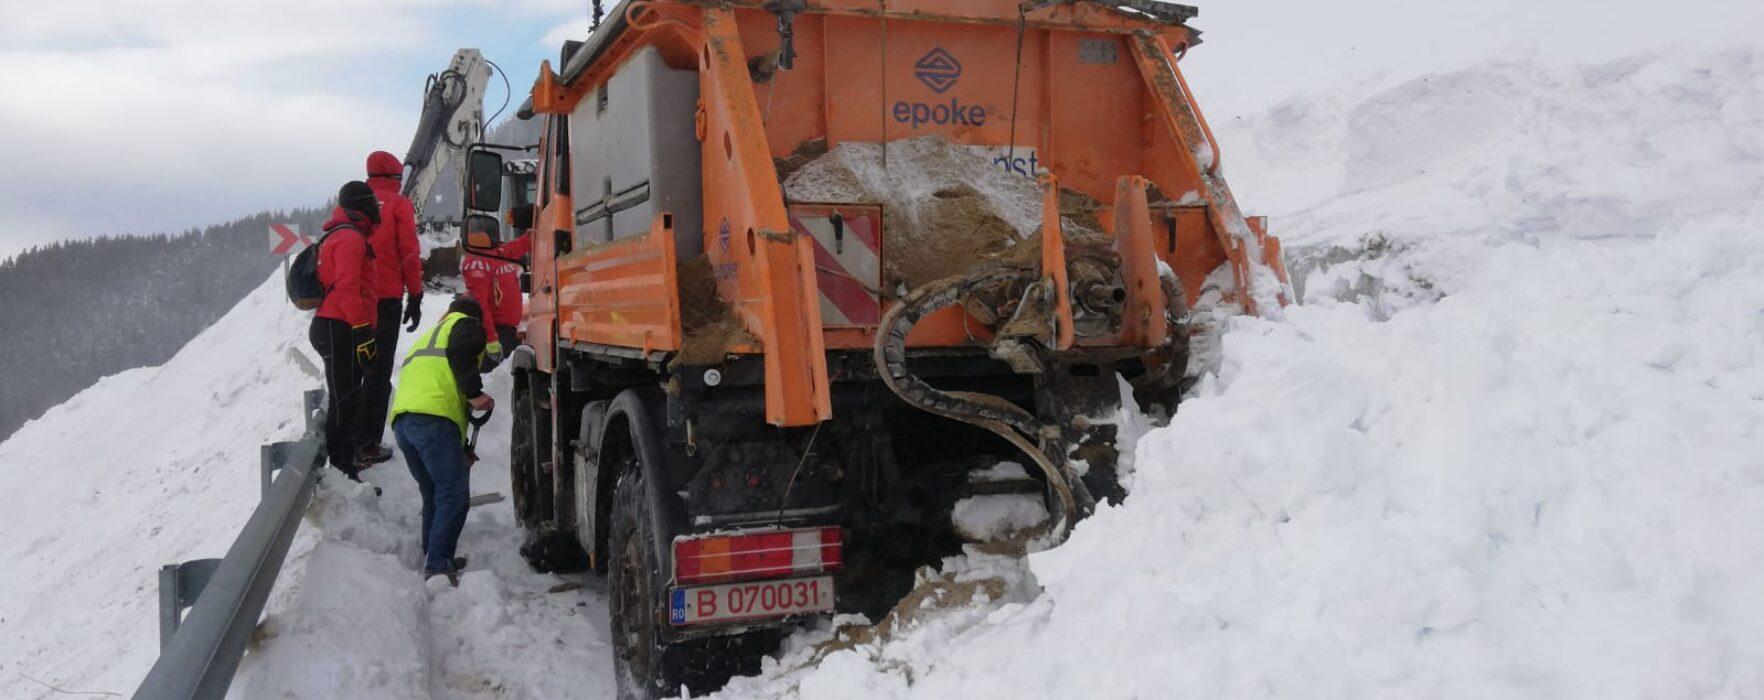 Dâmboviţa: Avalanşa din zona Dichiu a prins un utilaj, şoferul s-a salvat fugind